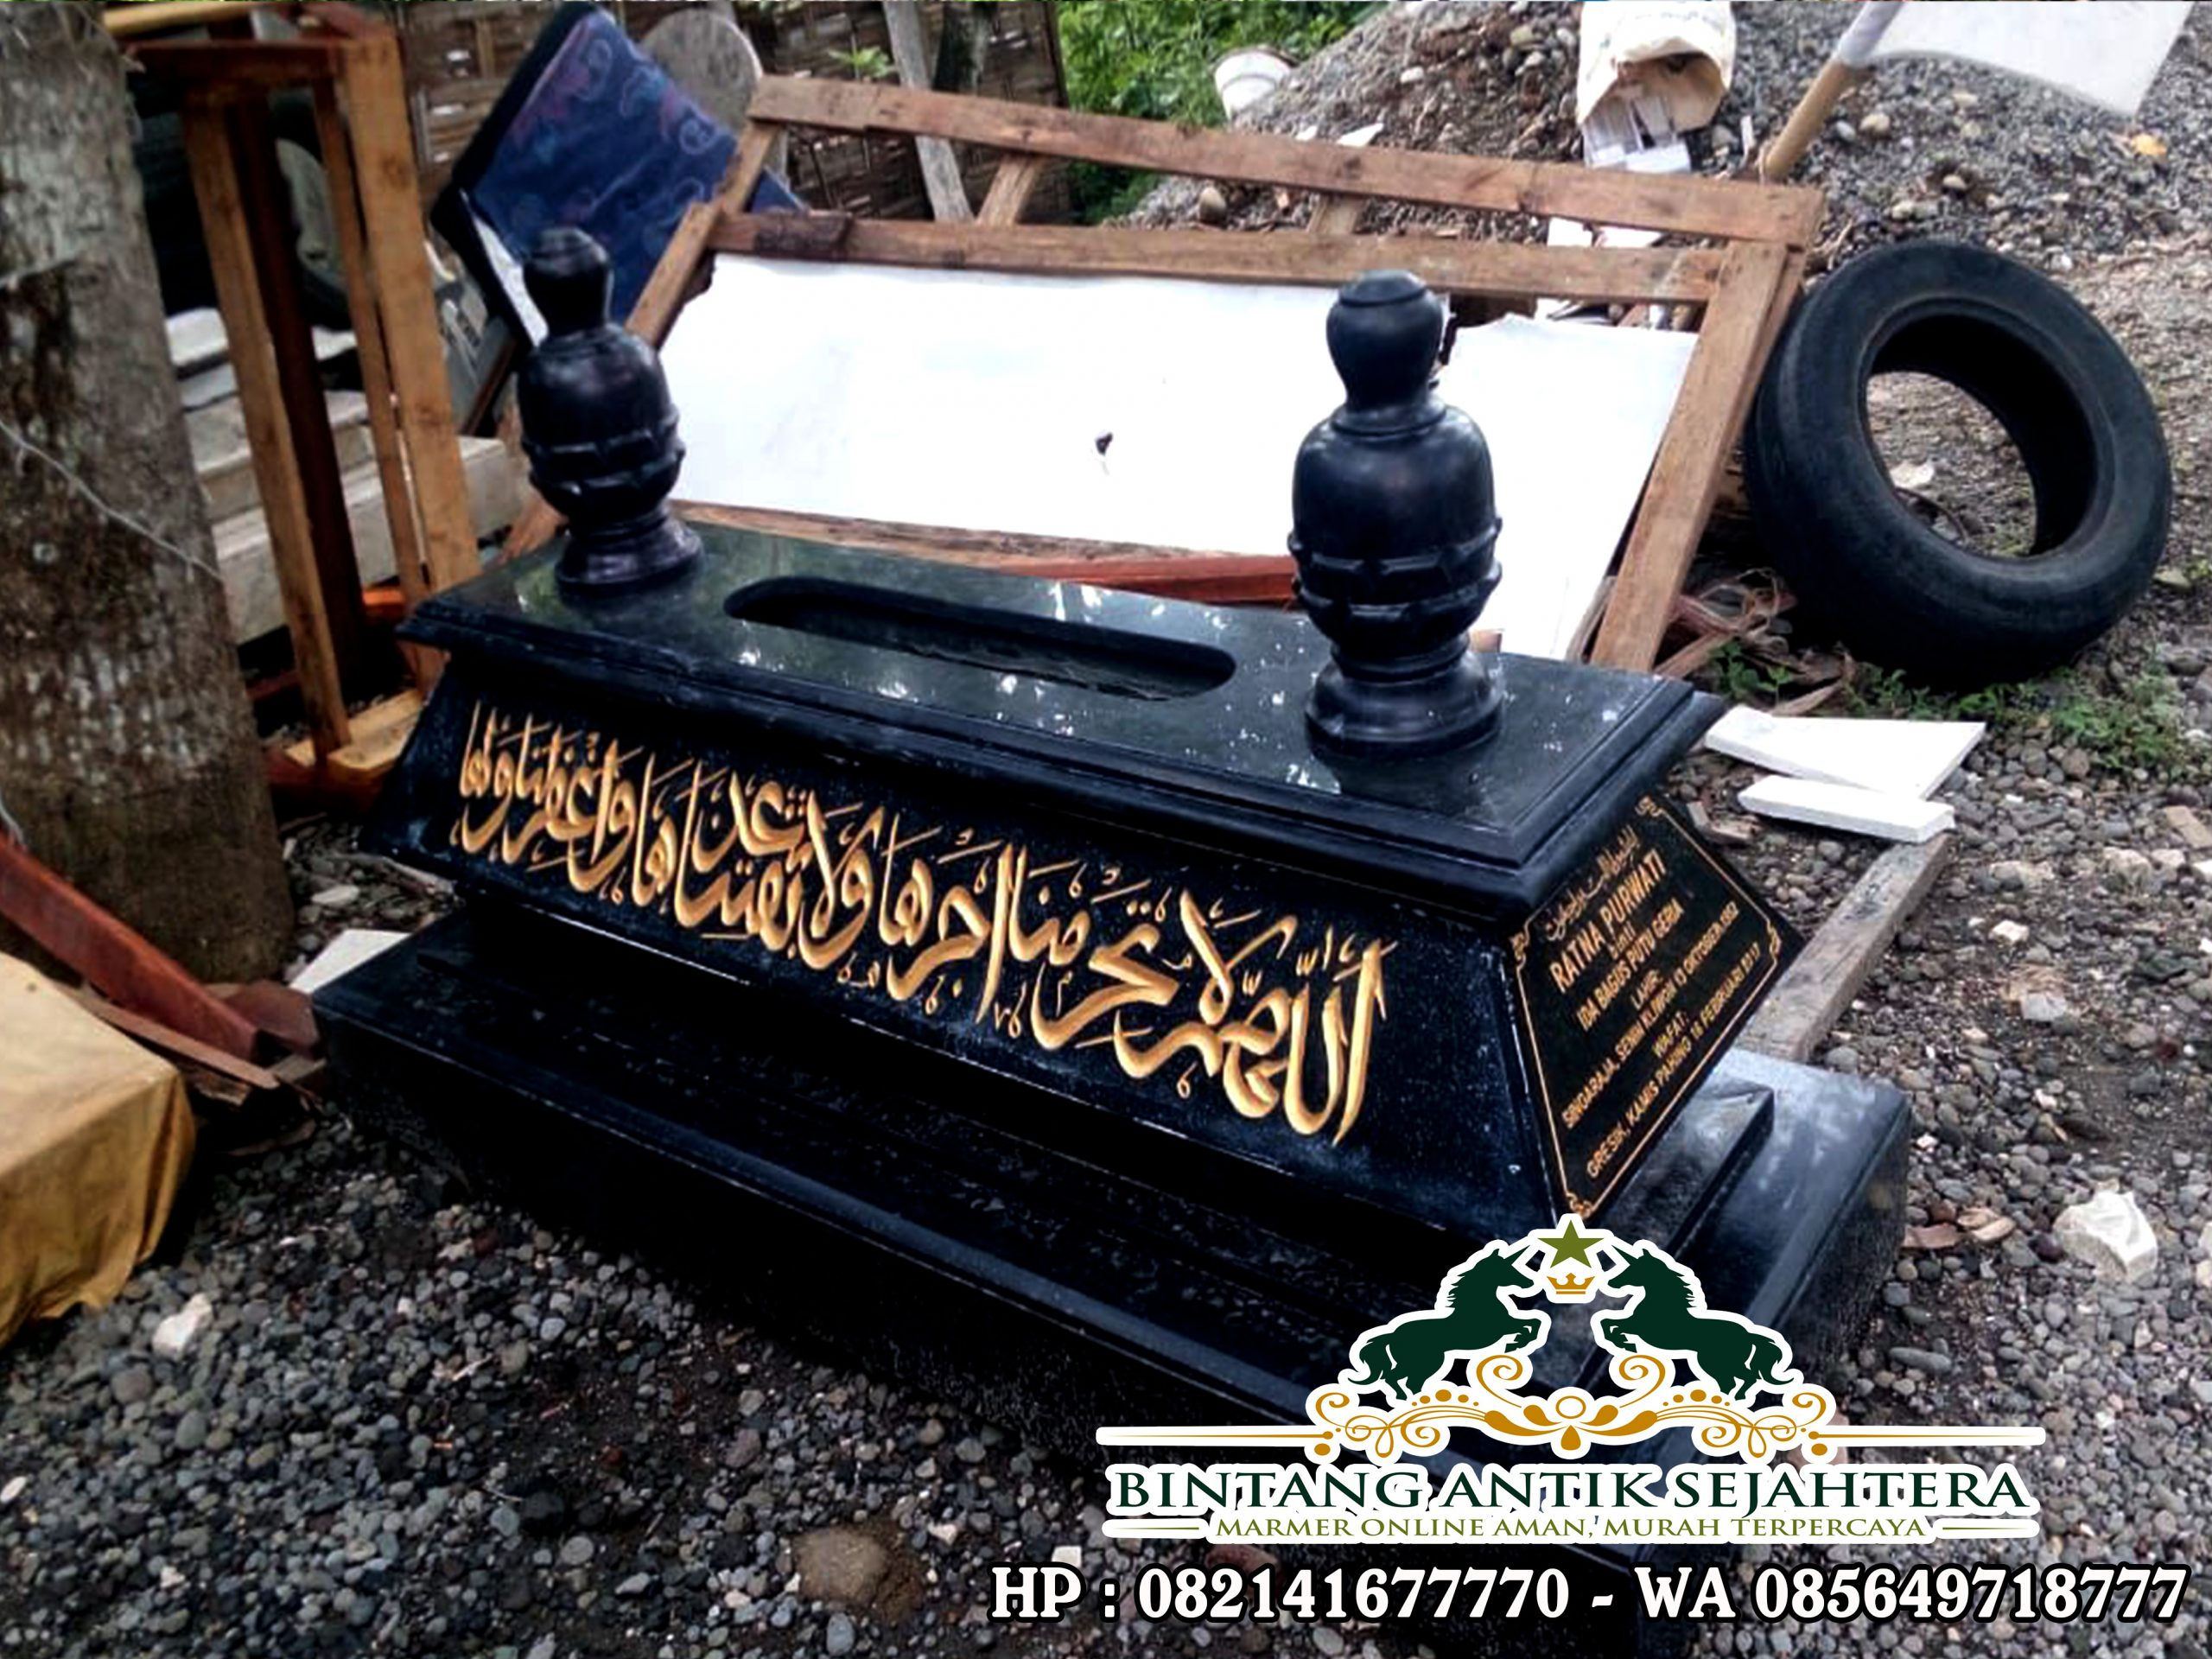 Harga Kijing Kuburan Granit | Jual Kijing Islam Granit